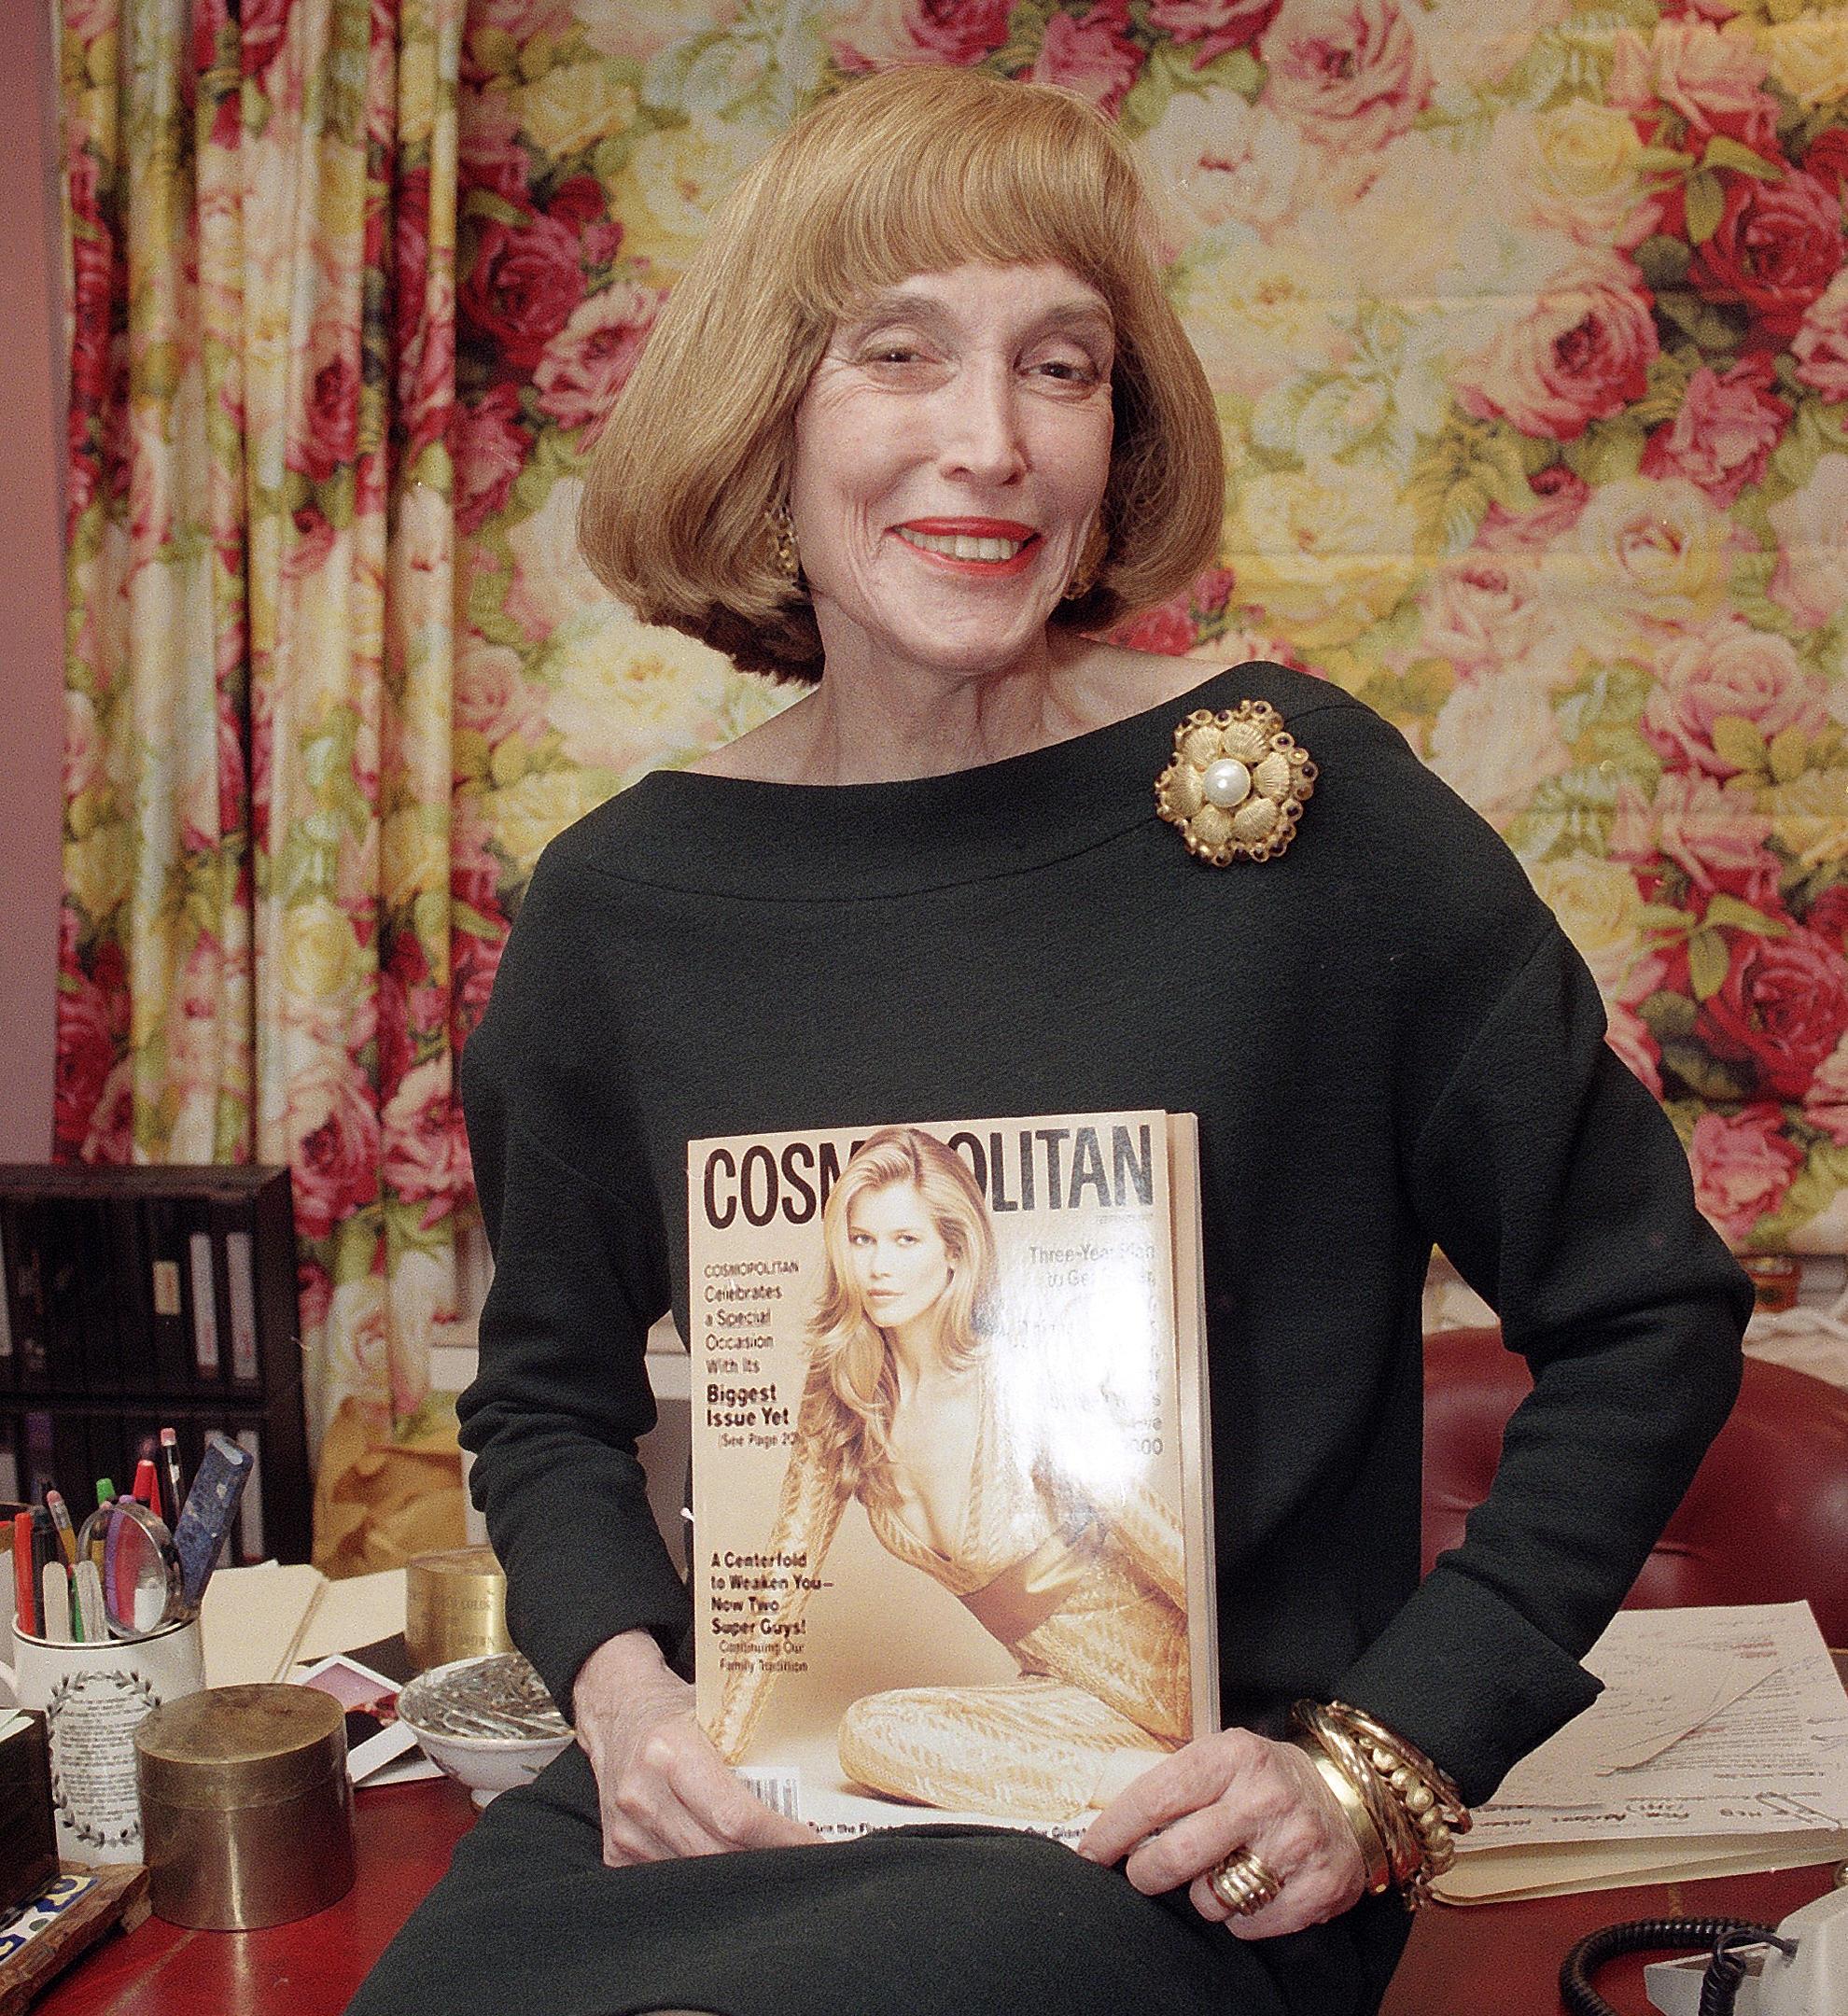 Cosmo Editor Helen Gurley Brown Dies At 90 Wvxu